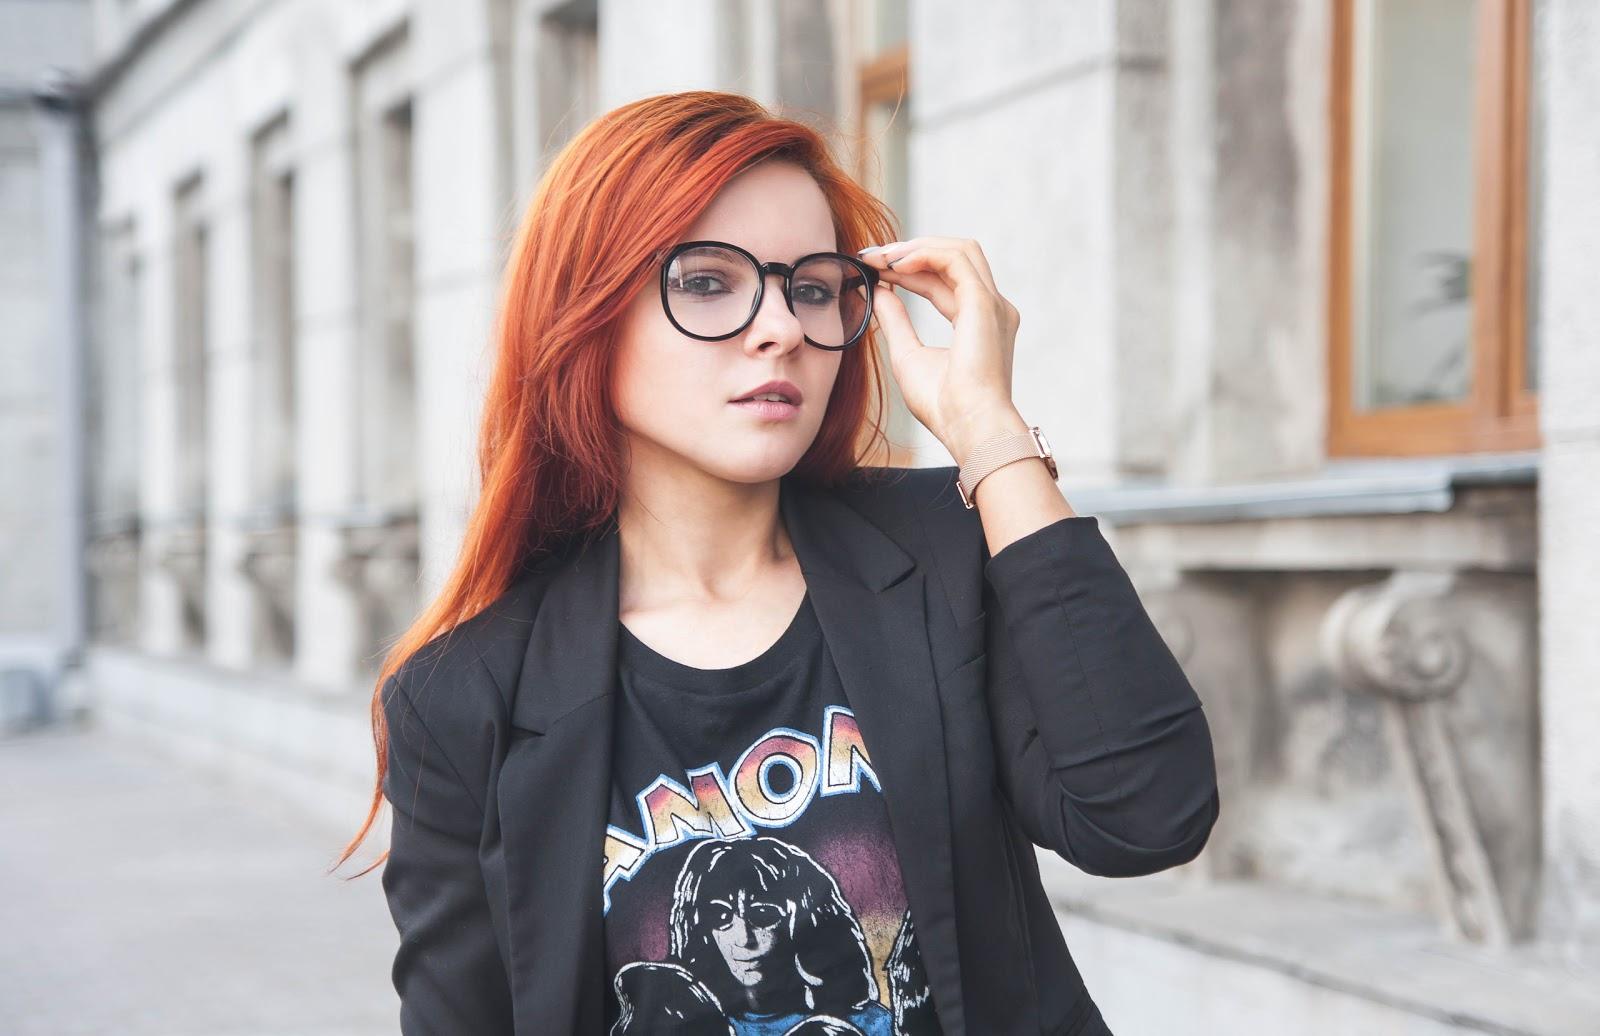 http://www.recklessdiary.ru/2017/09/modnaya-obuv-osen-zima-2017-2018-shopbop-otzyvy.html